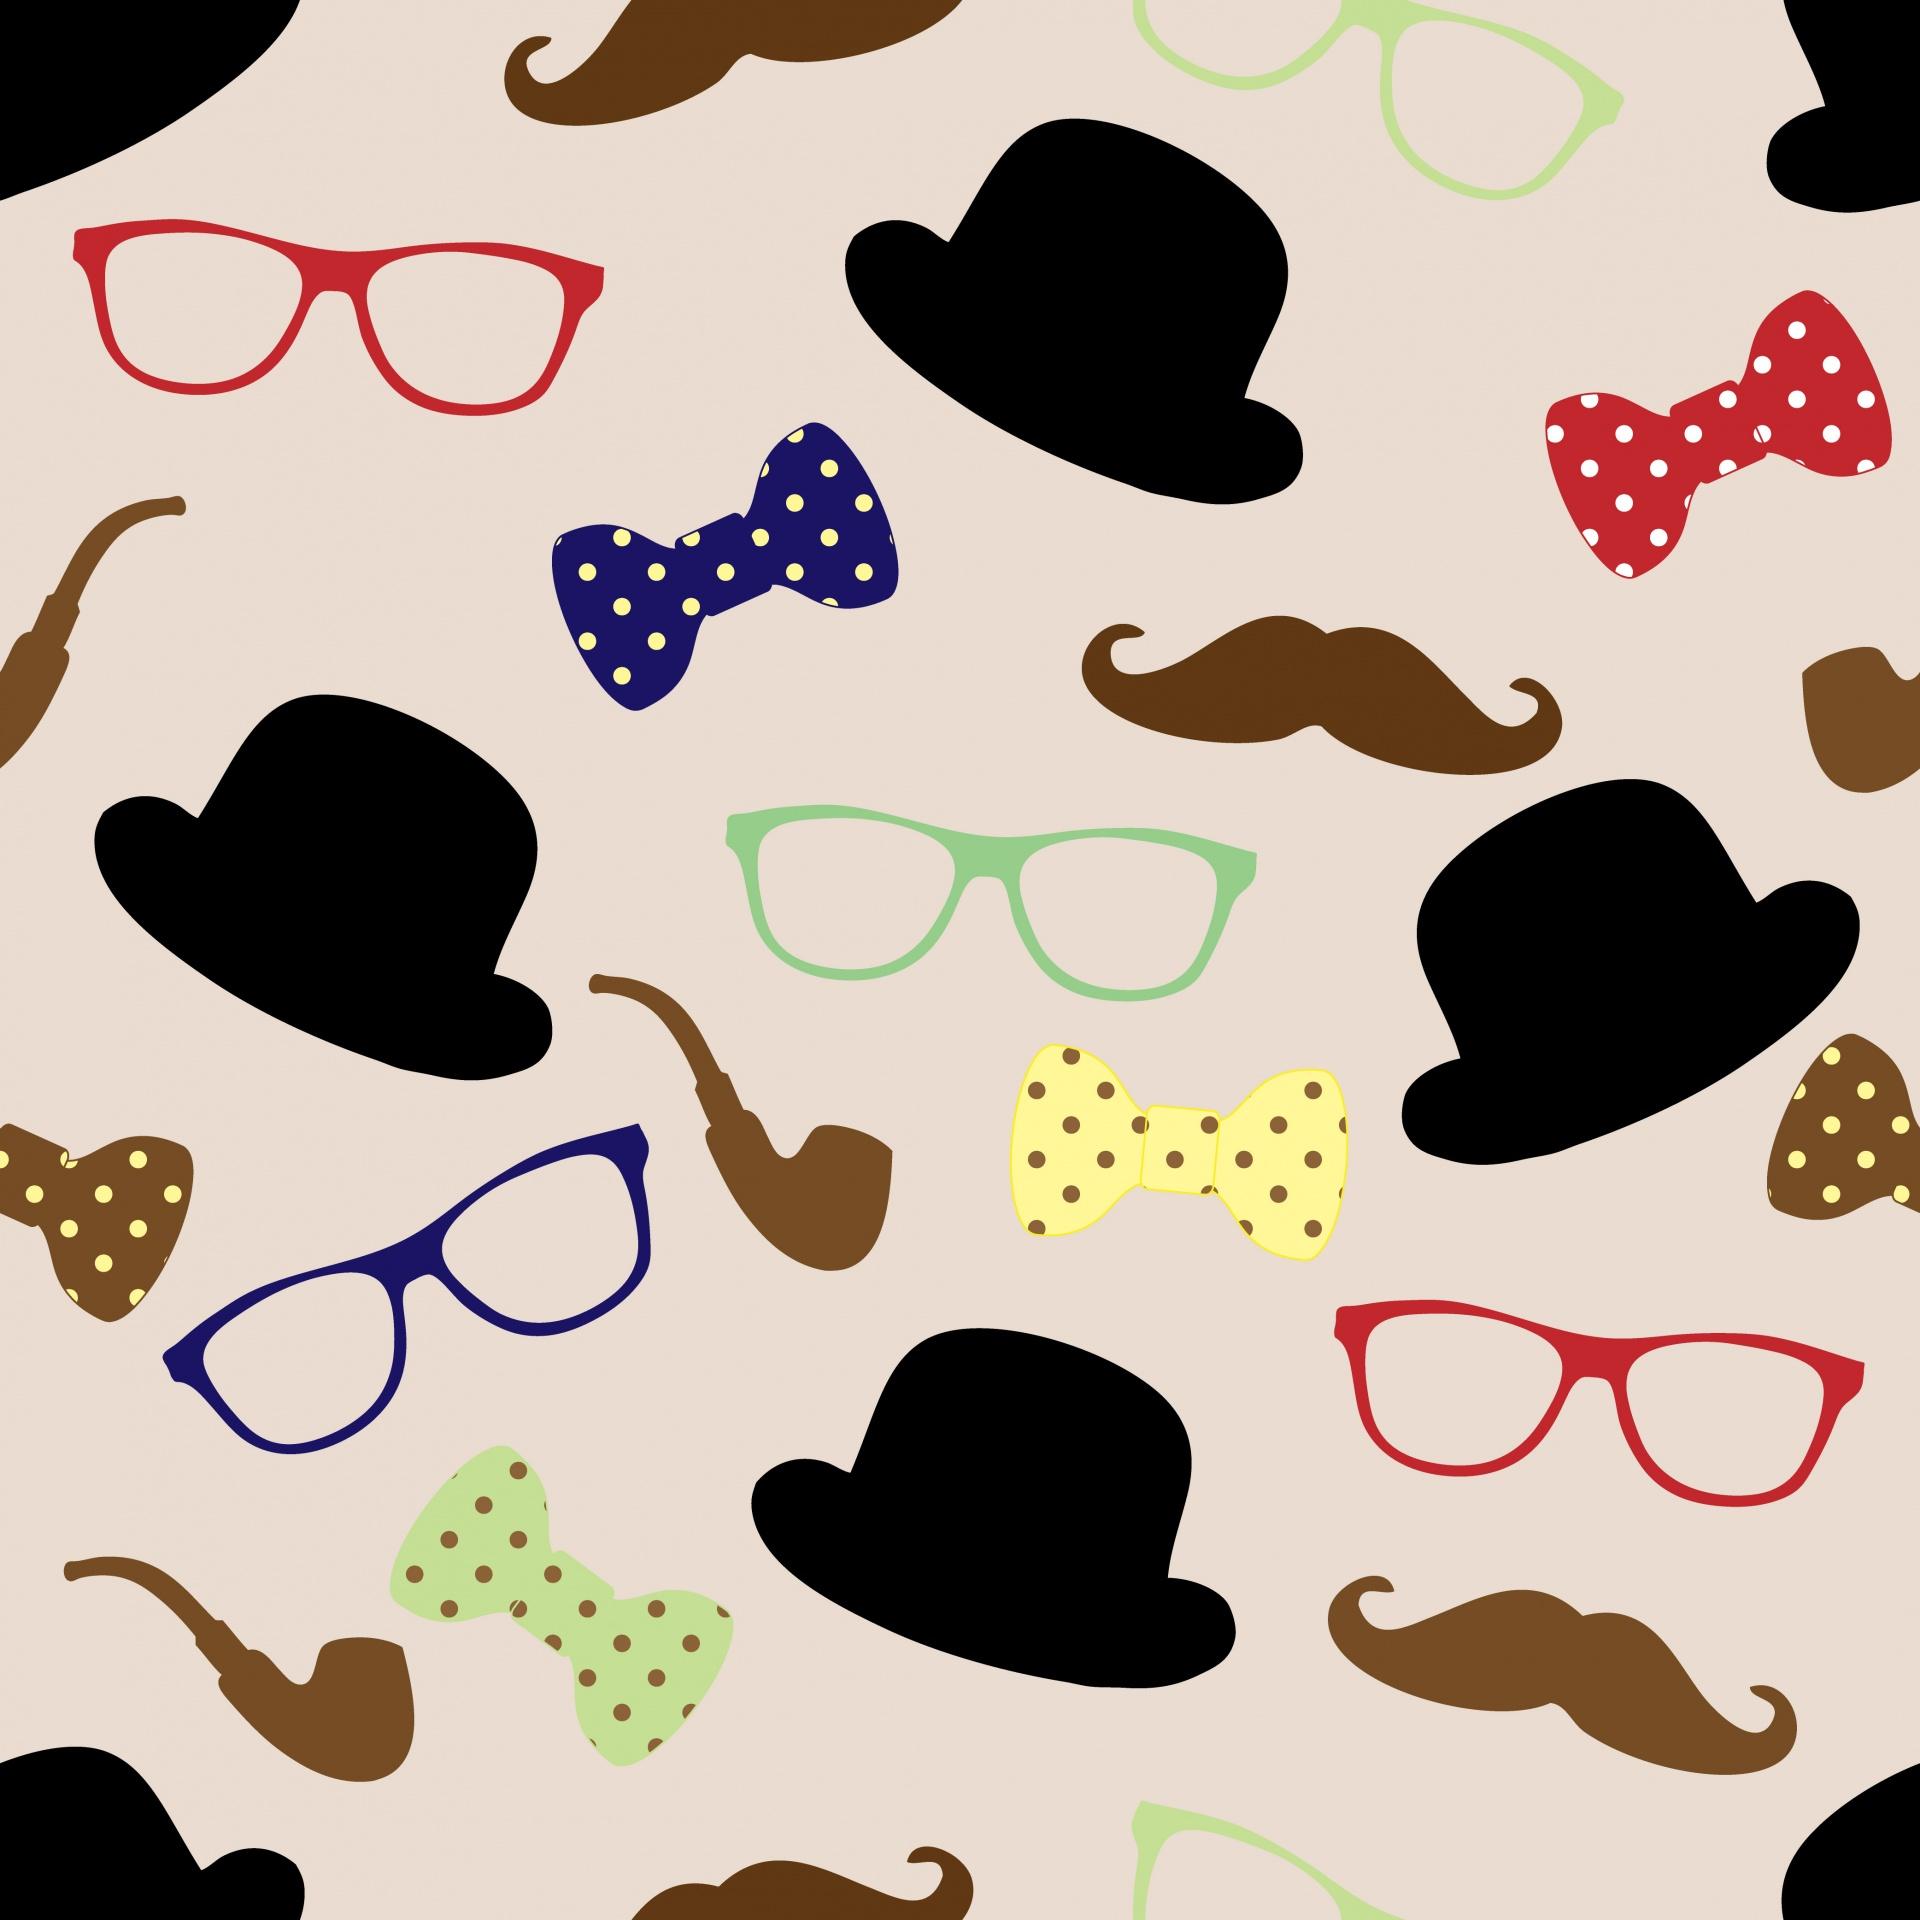 moustache-seamless-wallpaper-design.jpg